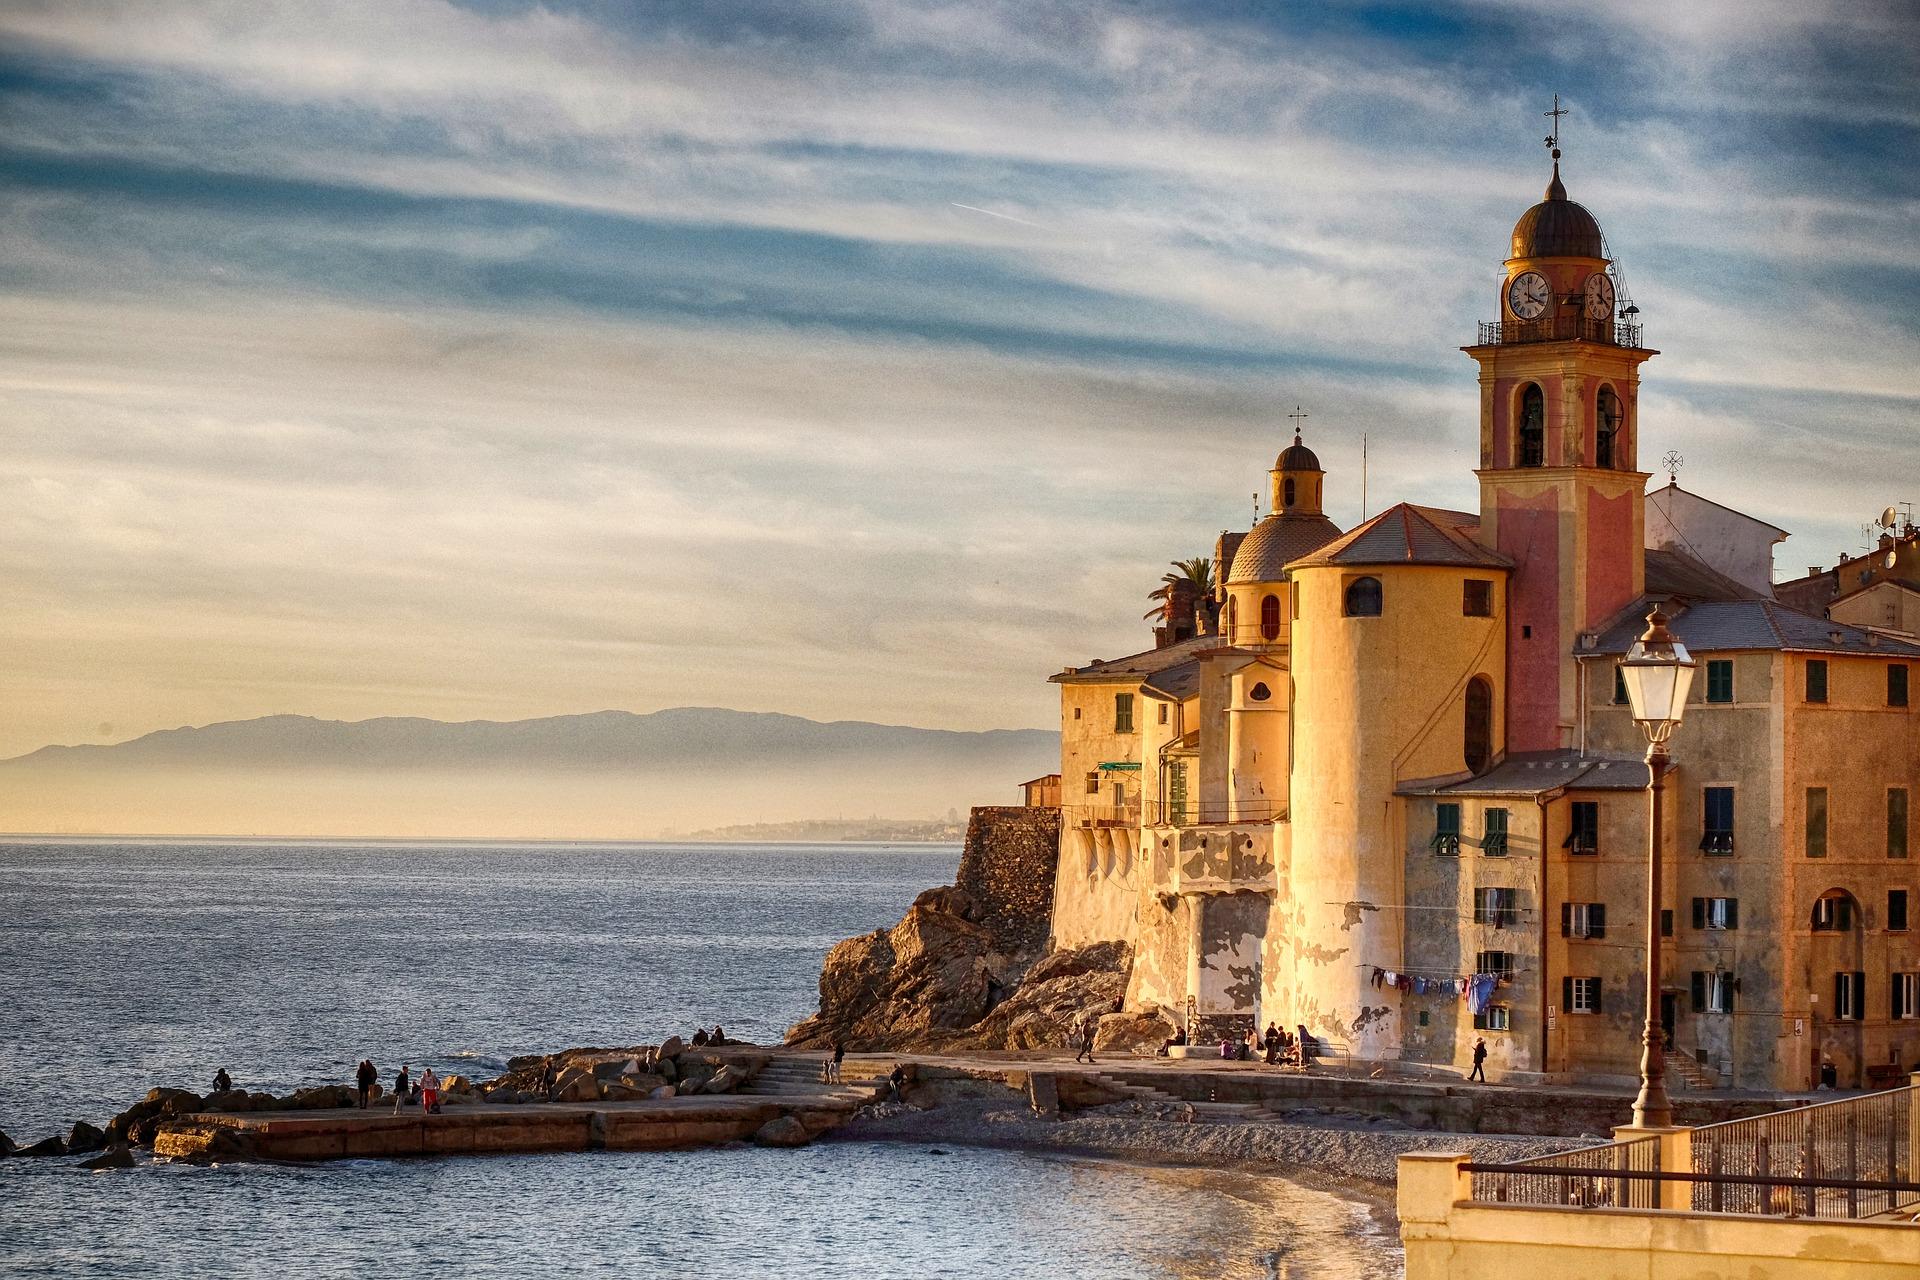 La città di Genova